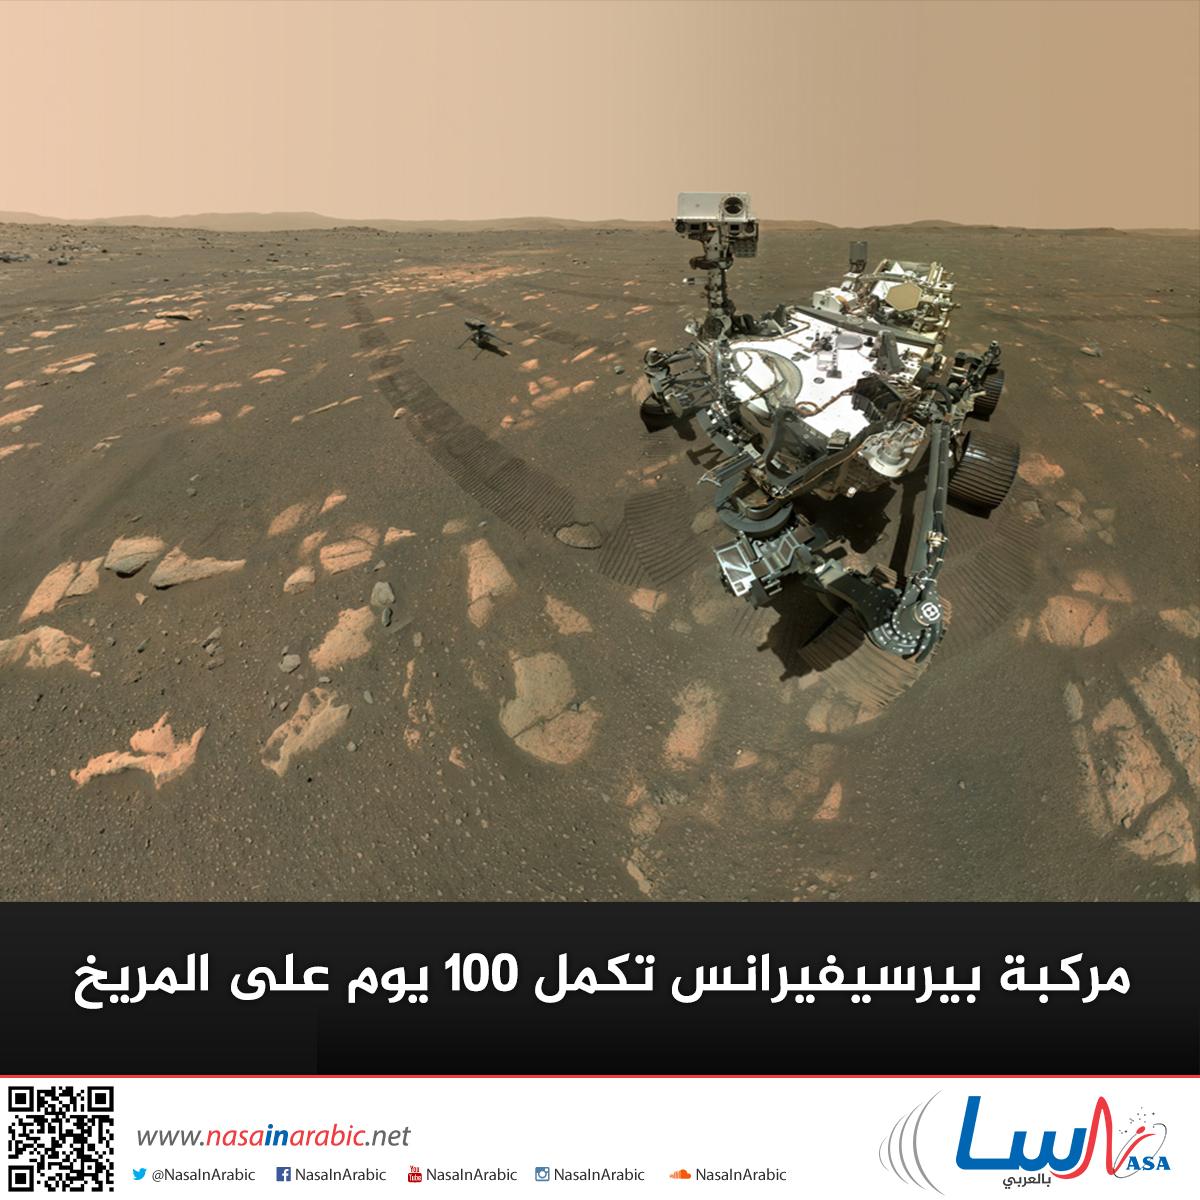 مركبة بيرسيفيرانس تكمل 100 يوم على المريخ